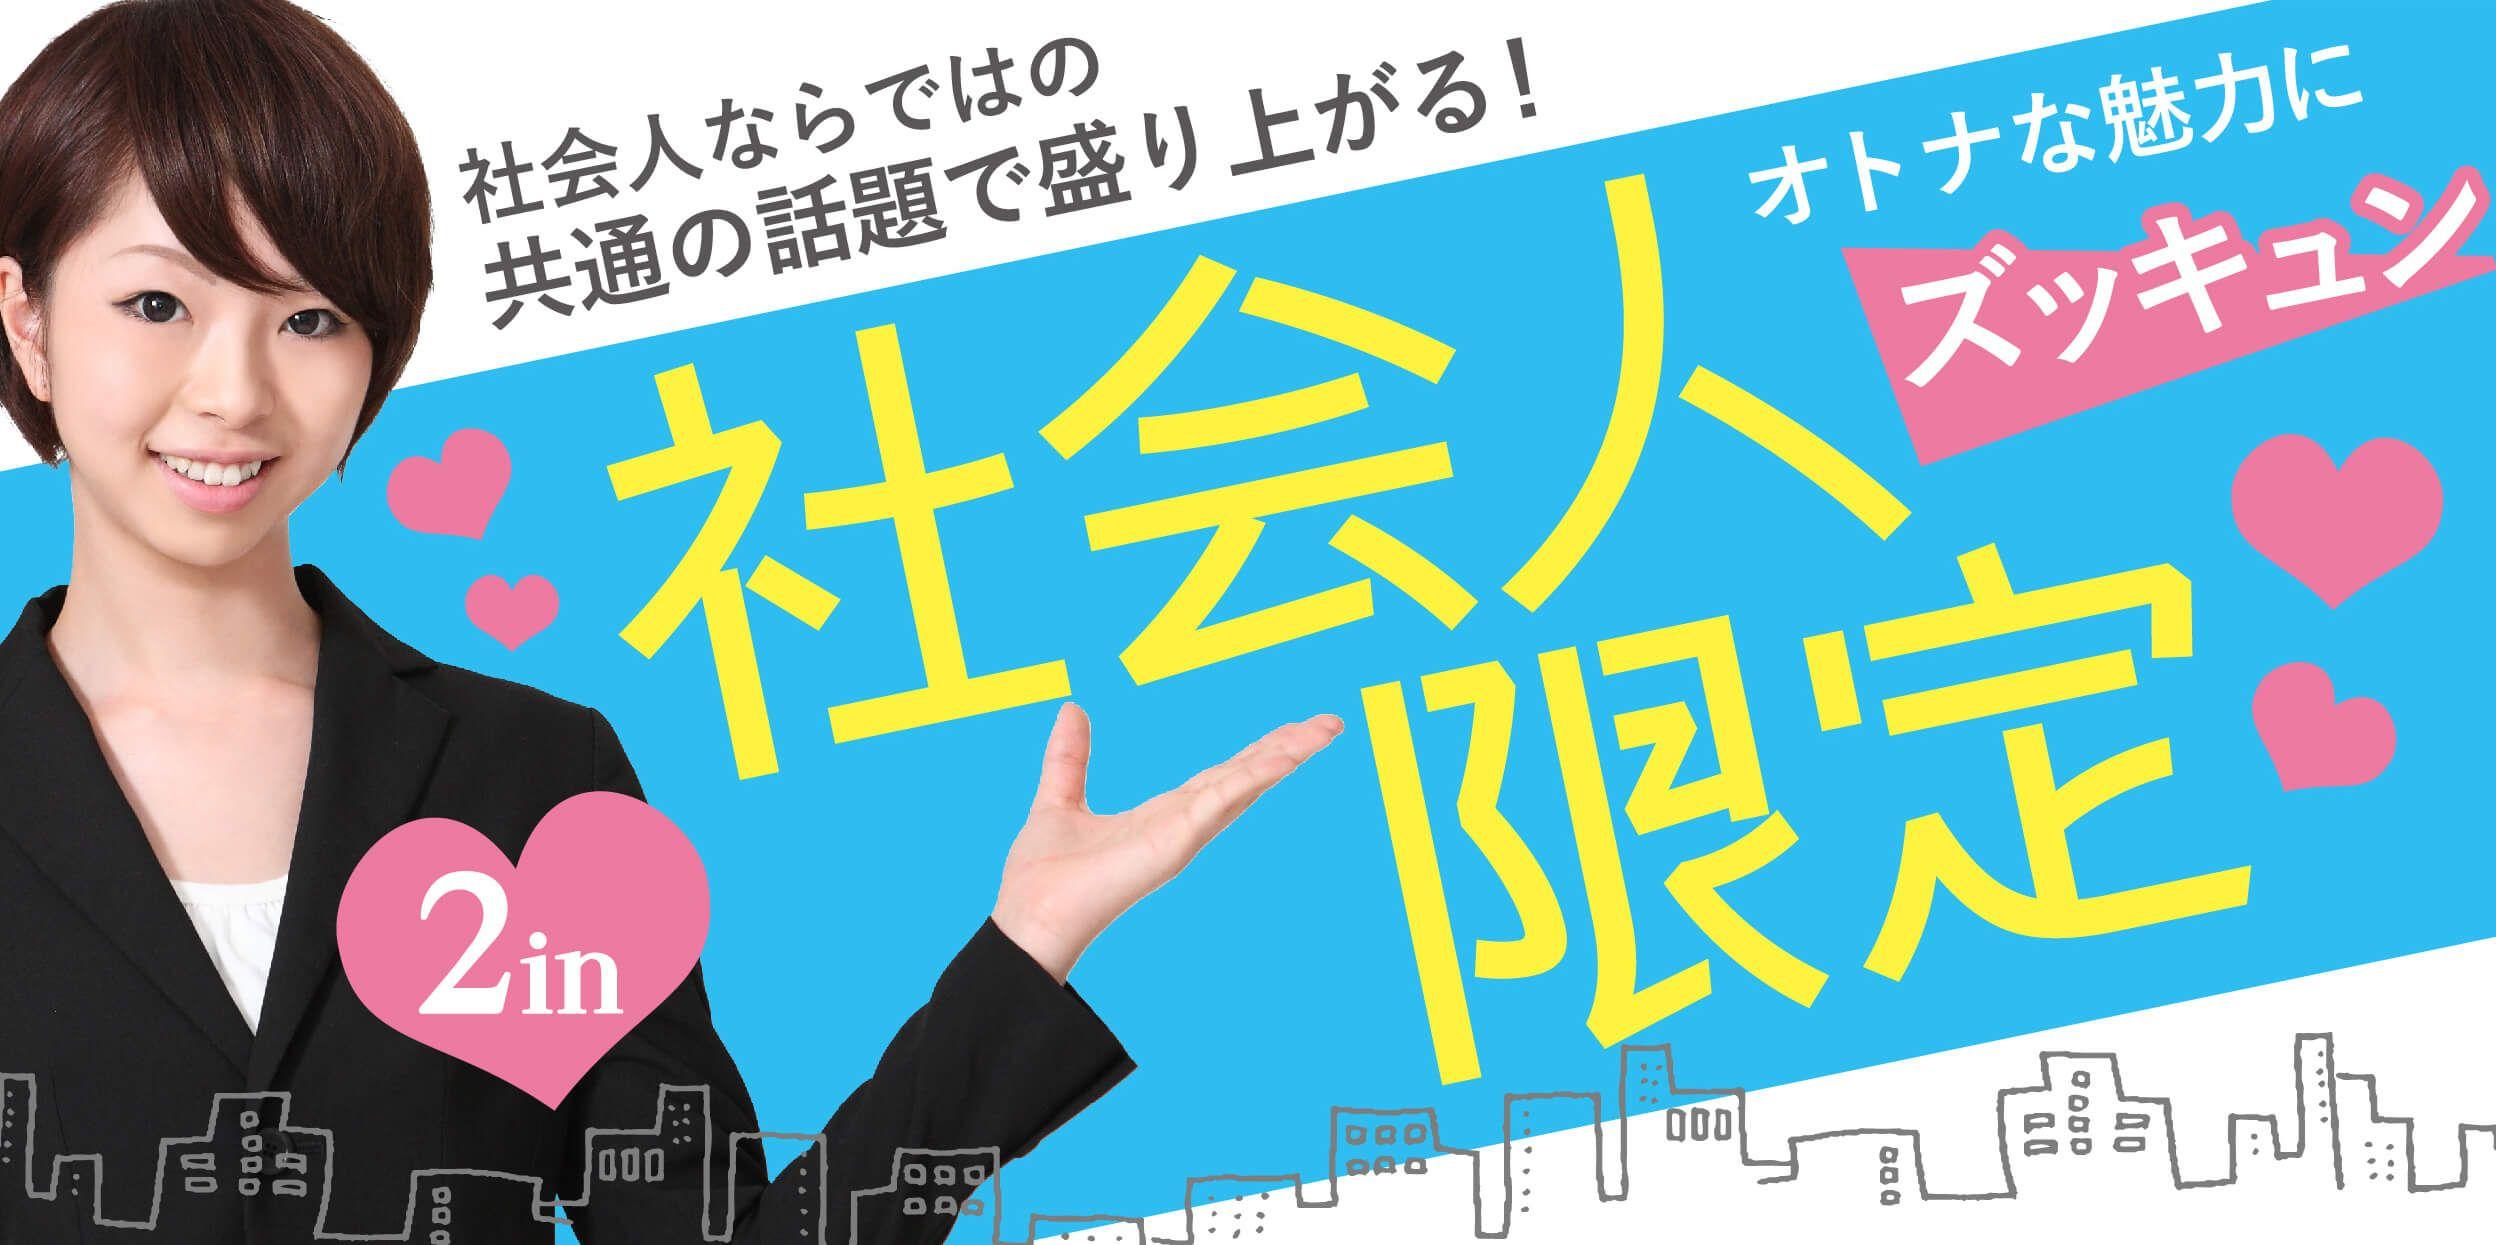 【初参加・一人参加大歓迎♪♪】3月27日(月)素敵な大人の社会人限定in岡山〜大人な出逢い★社会人同士だからこそできる話もたくさん〜